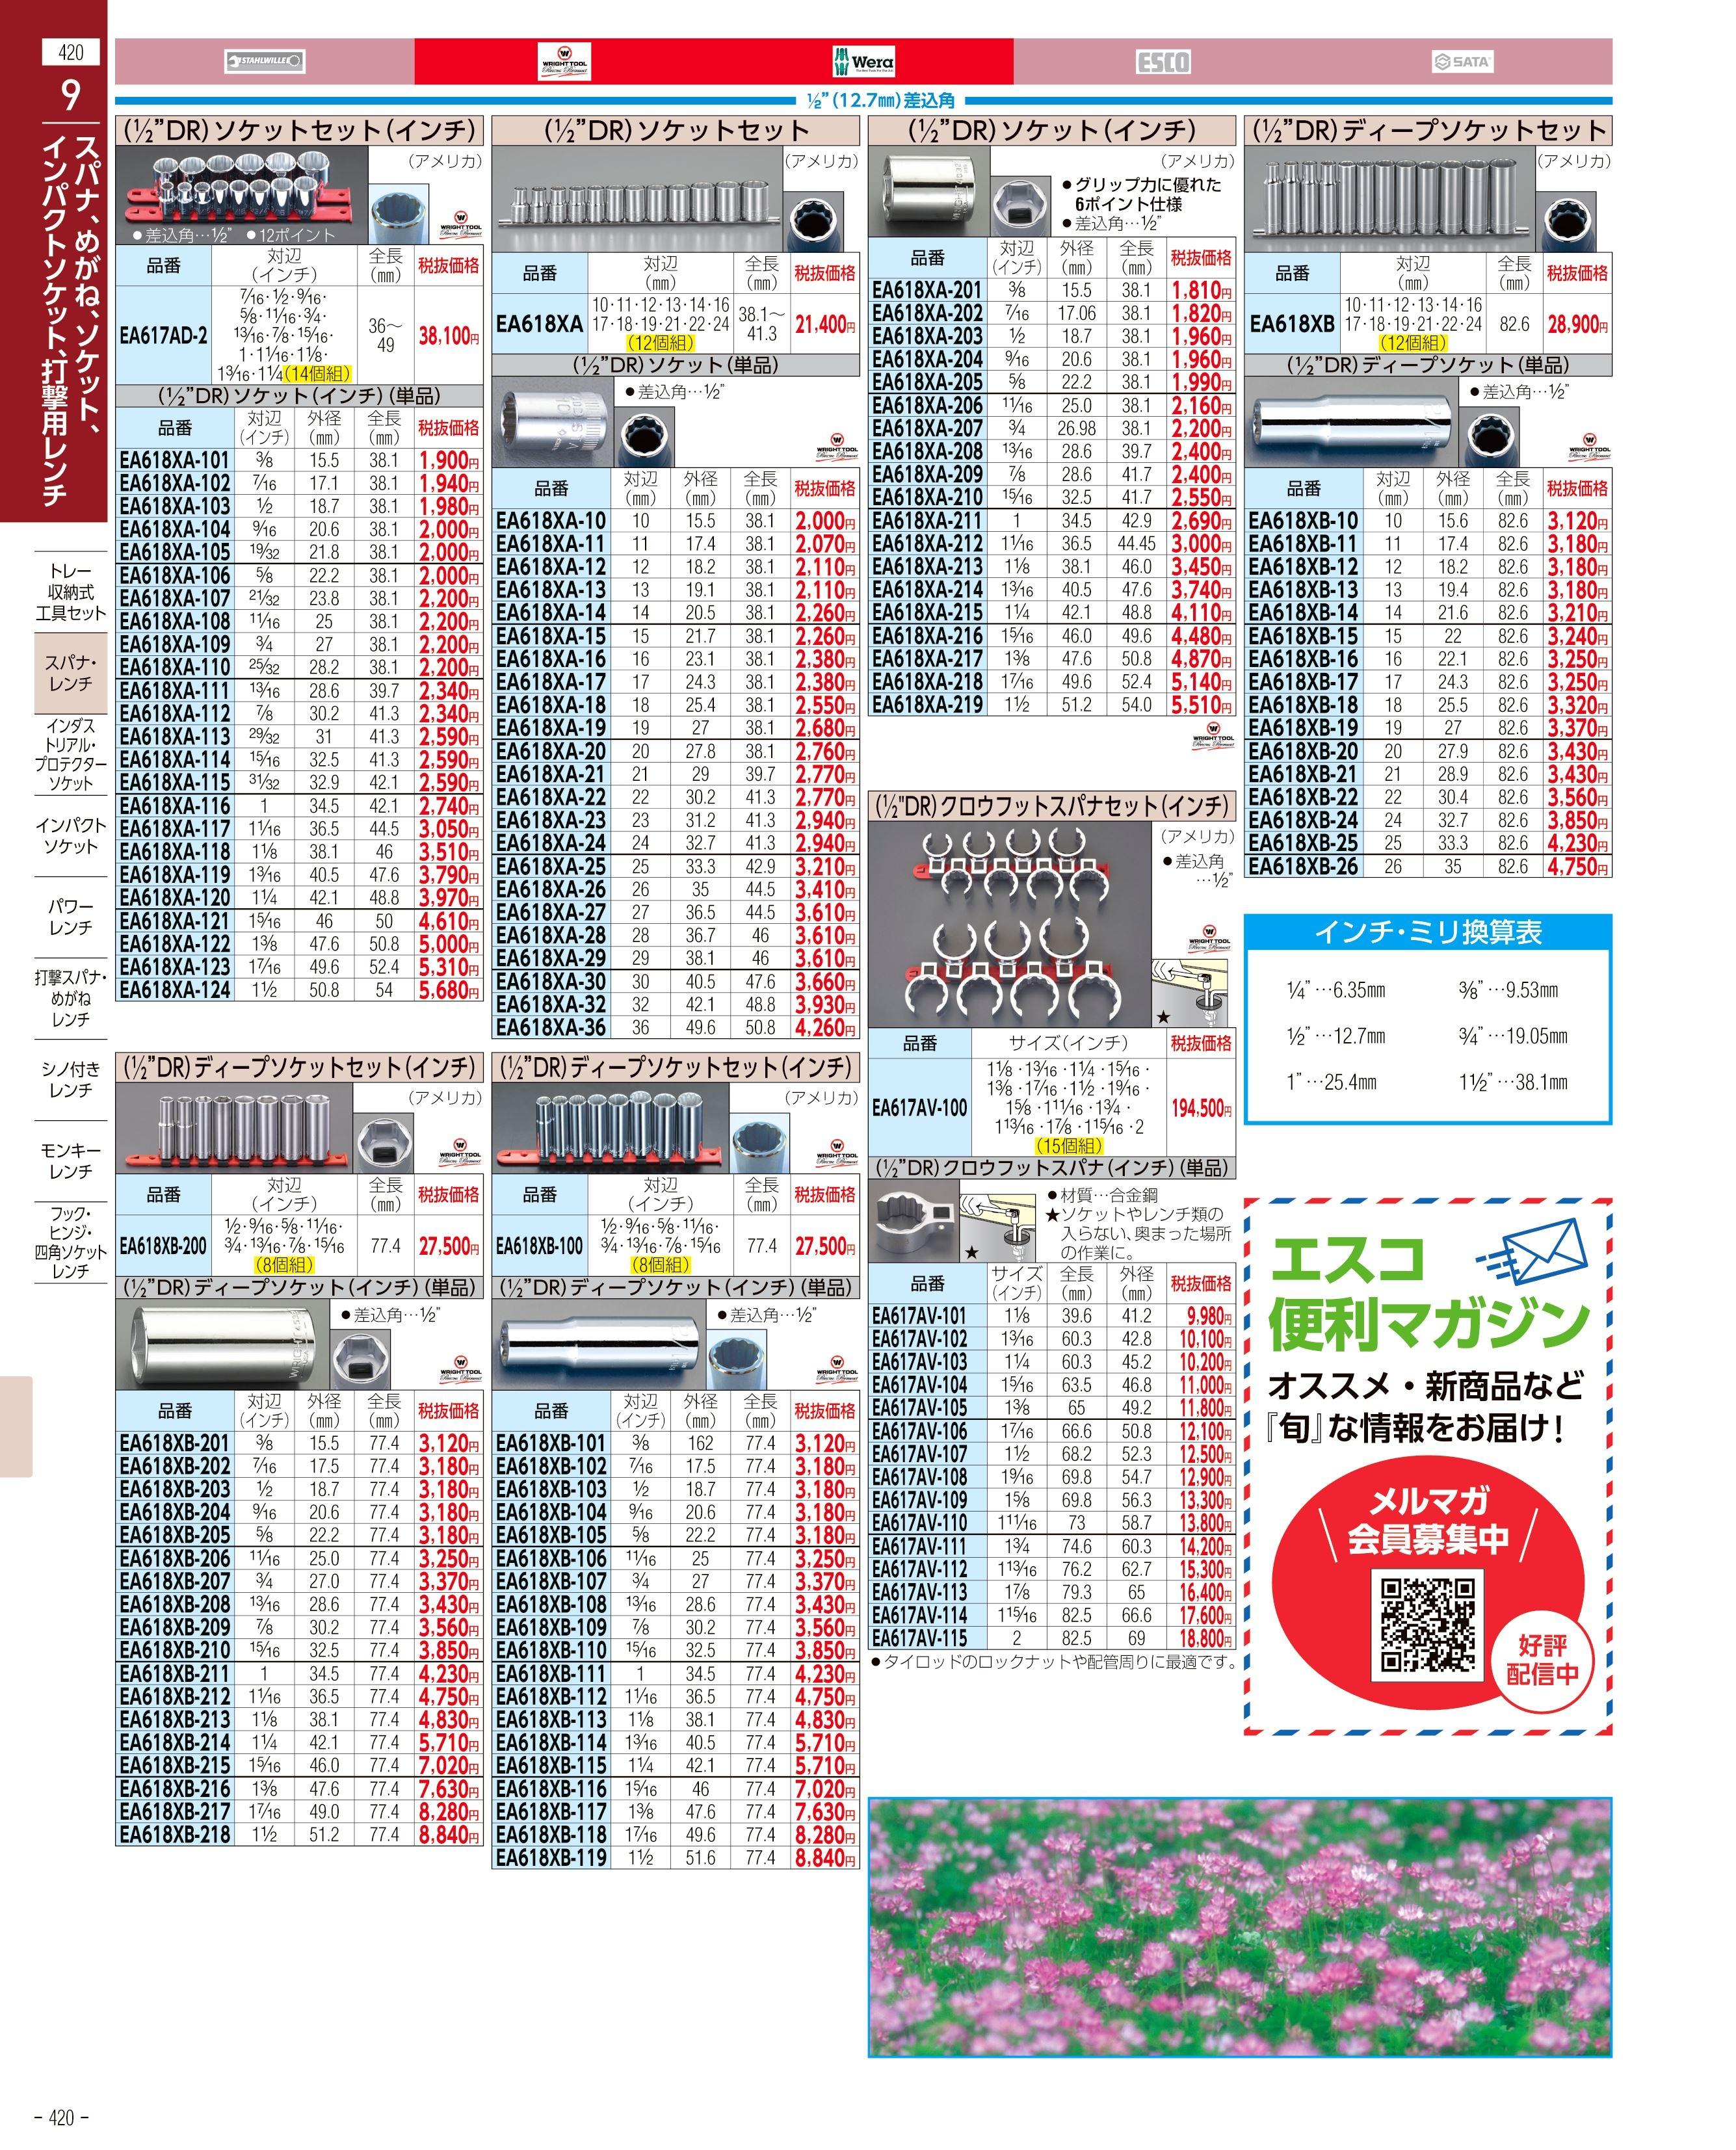 エスコ便利カタログ420ページ